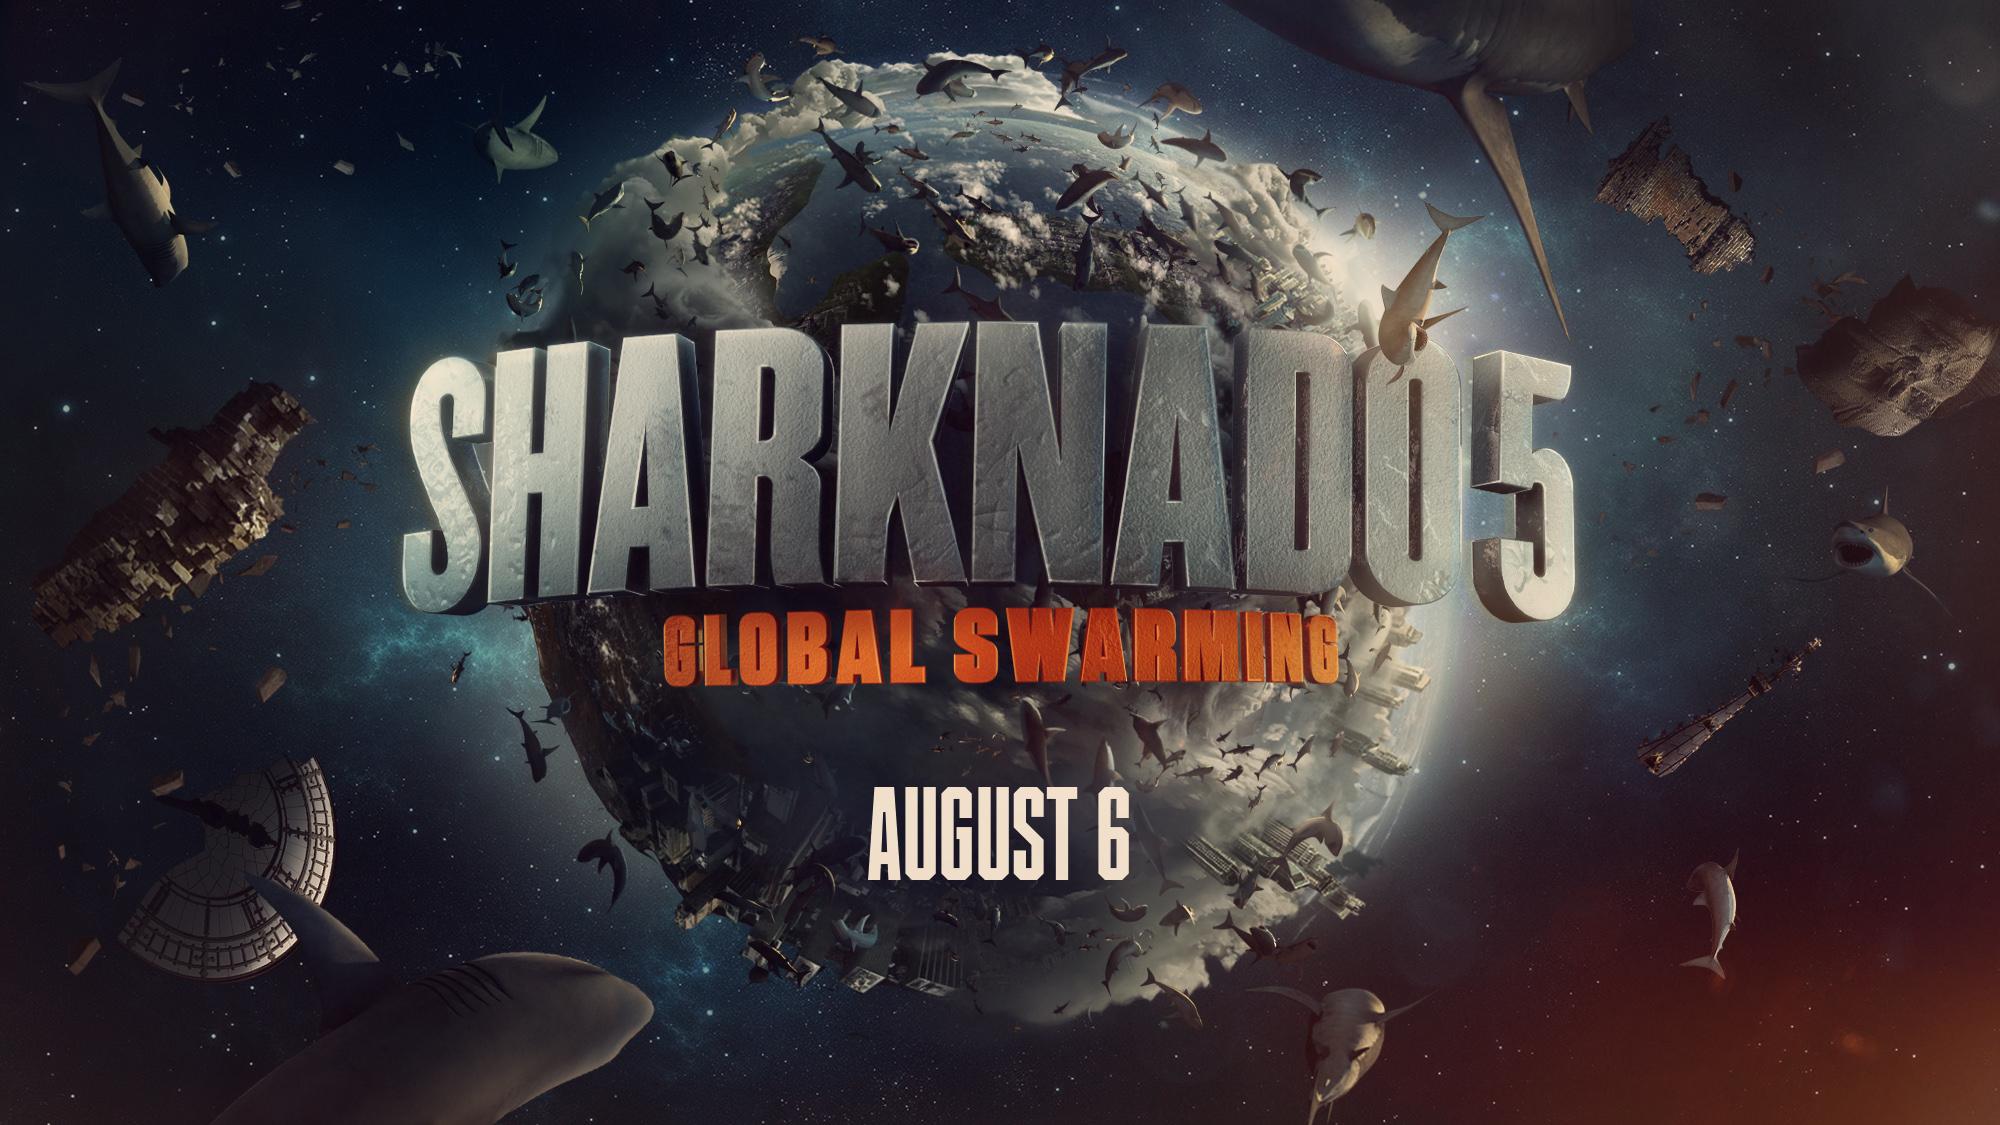 SHARK_earth_1_4.jpg